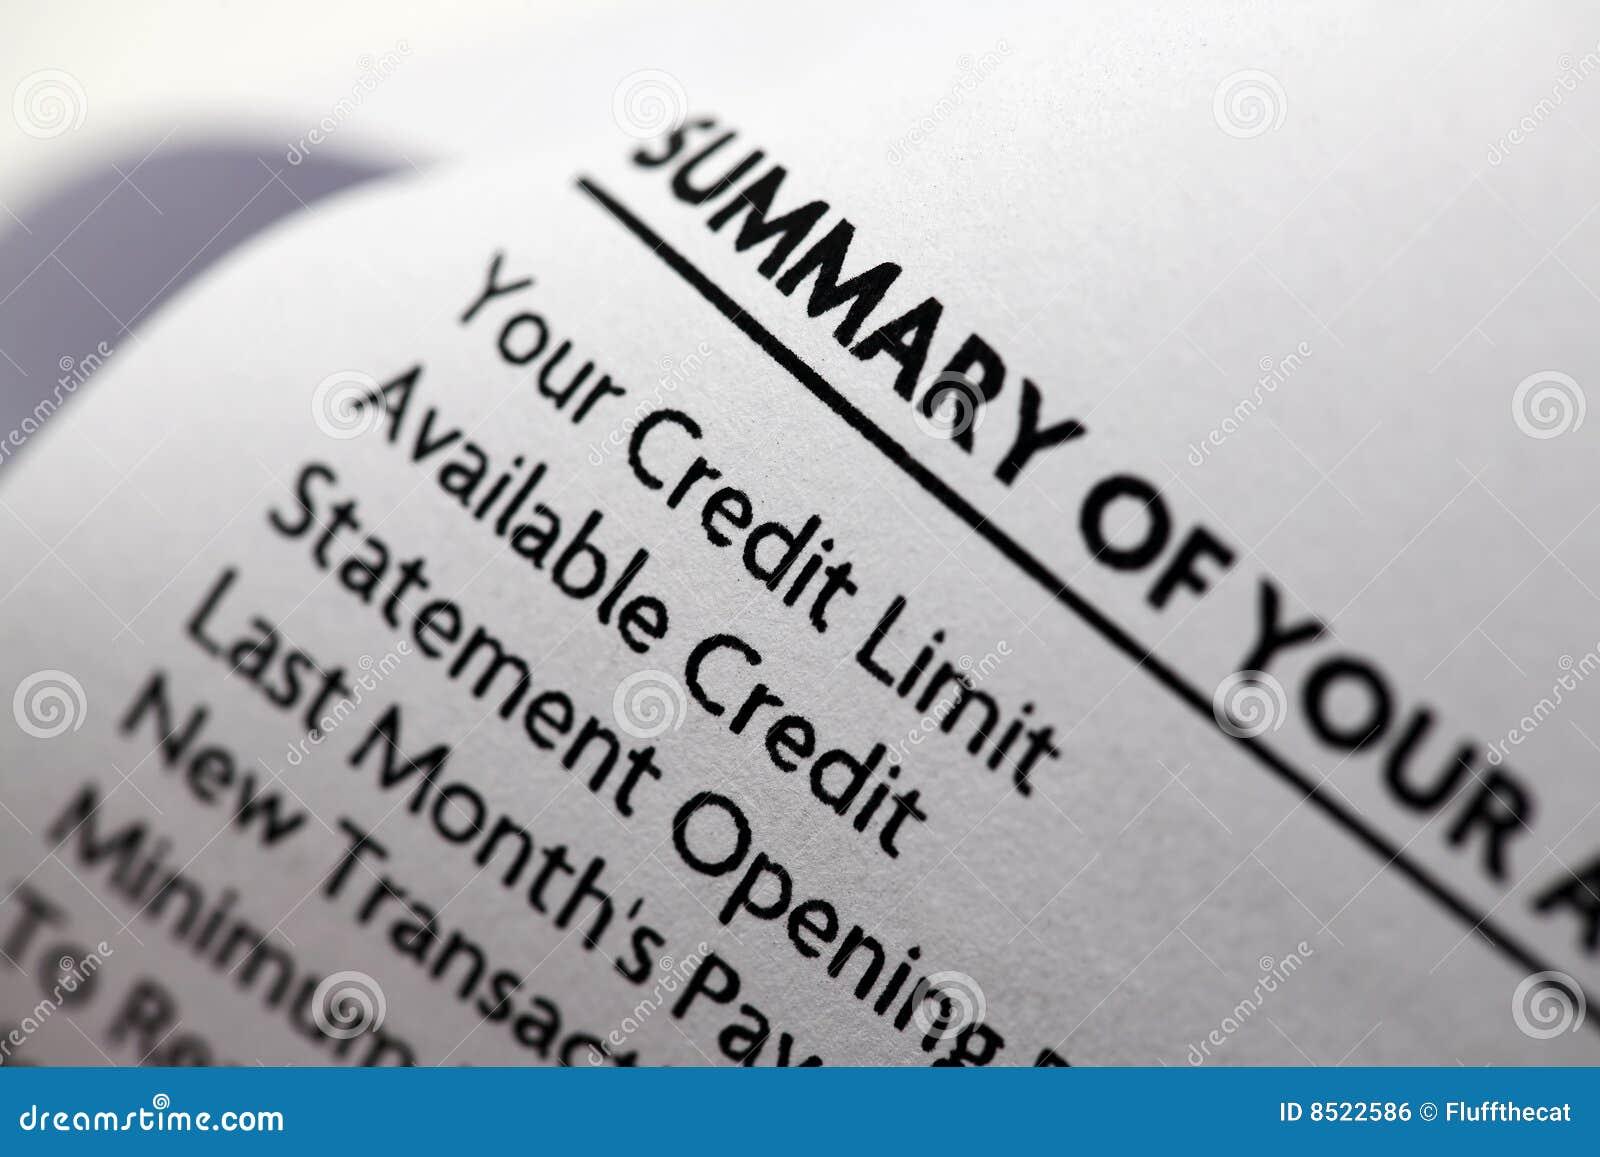 Credit card closing date in Perth